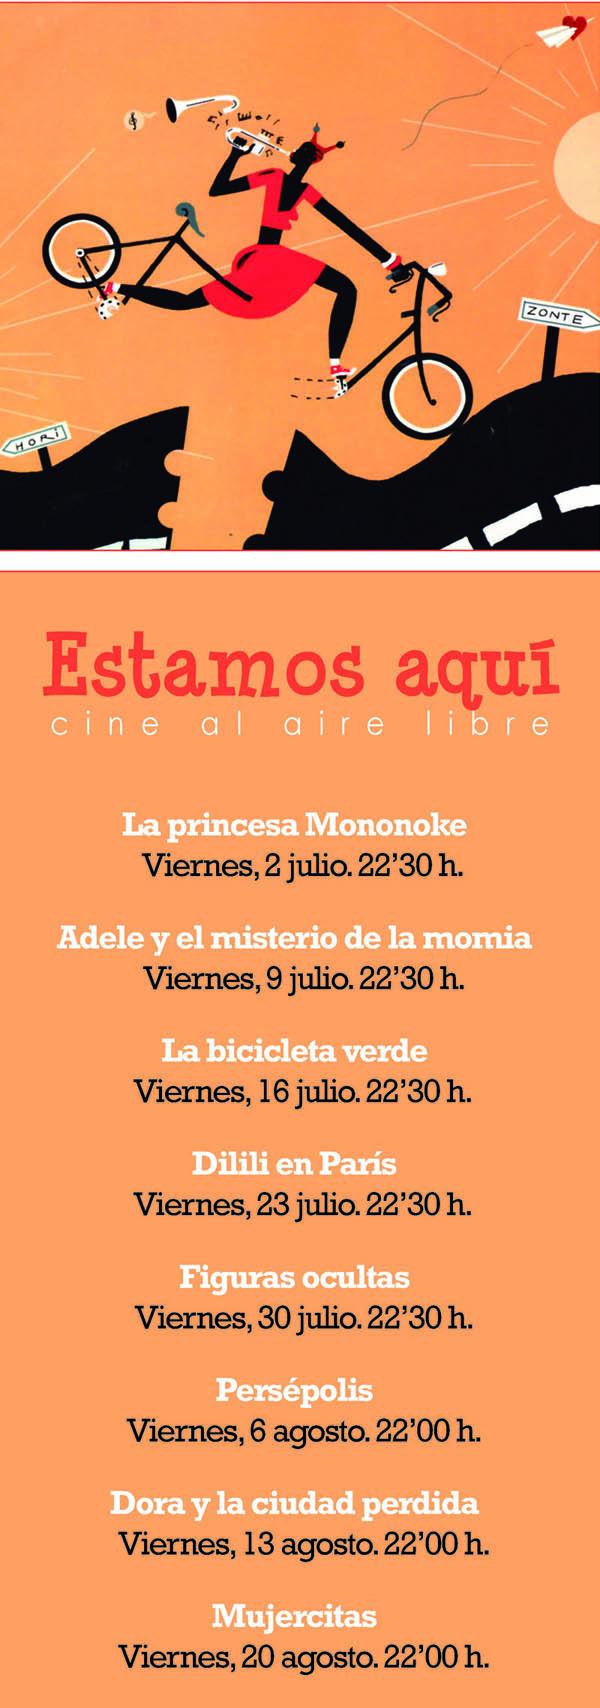 cartel_actividades_verano_2021-cine